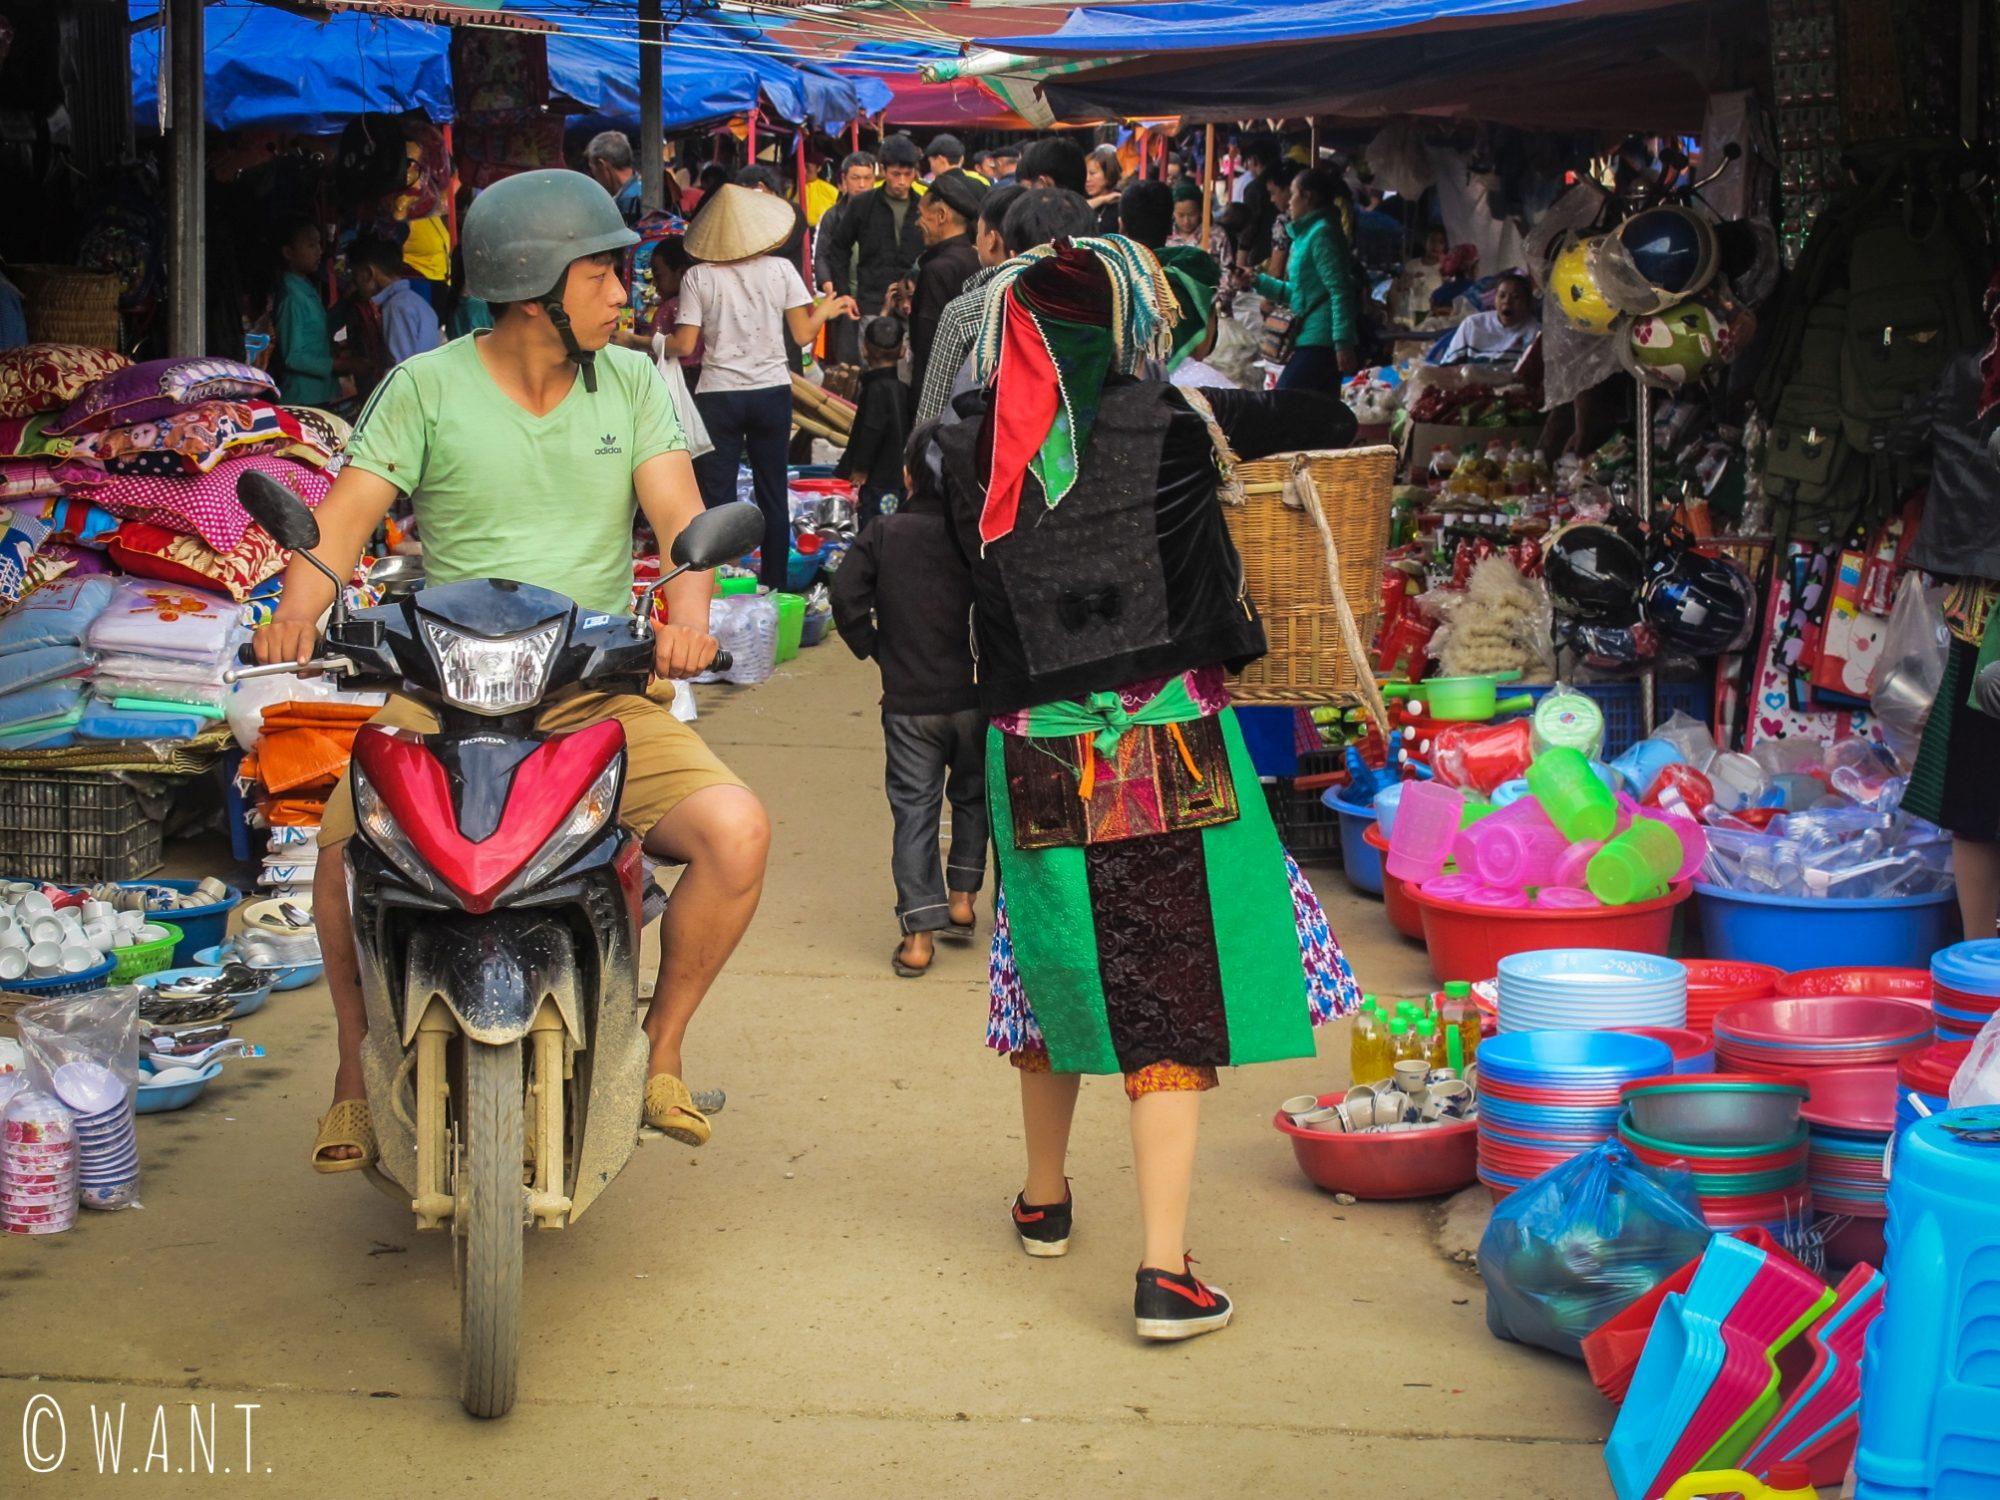 Allée bondée du marché de Dong Van